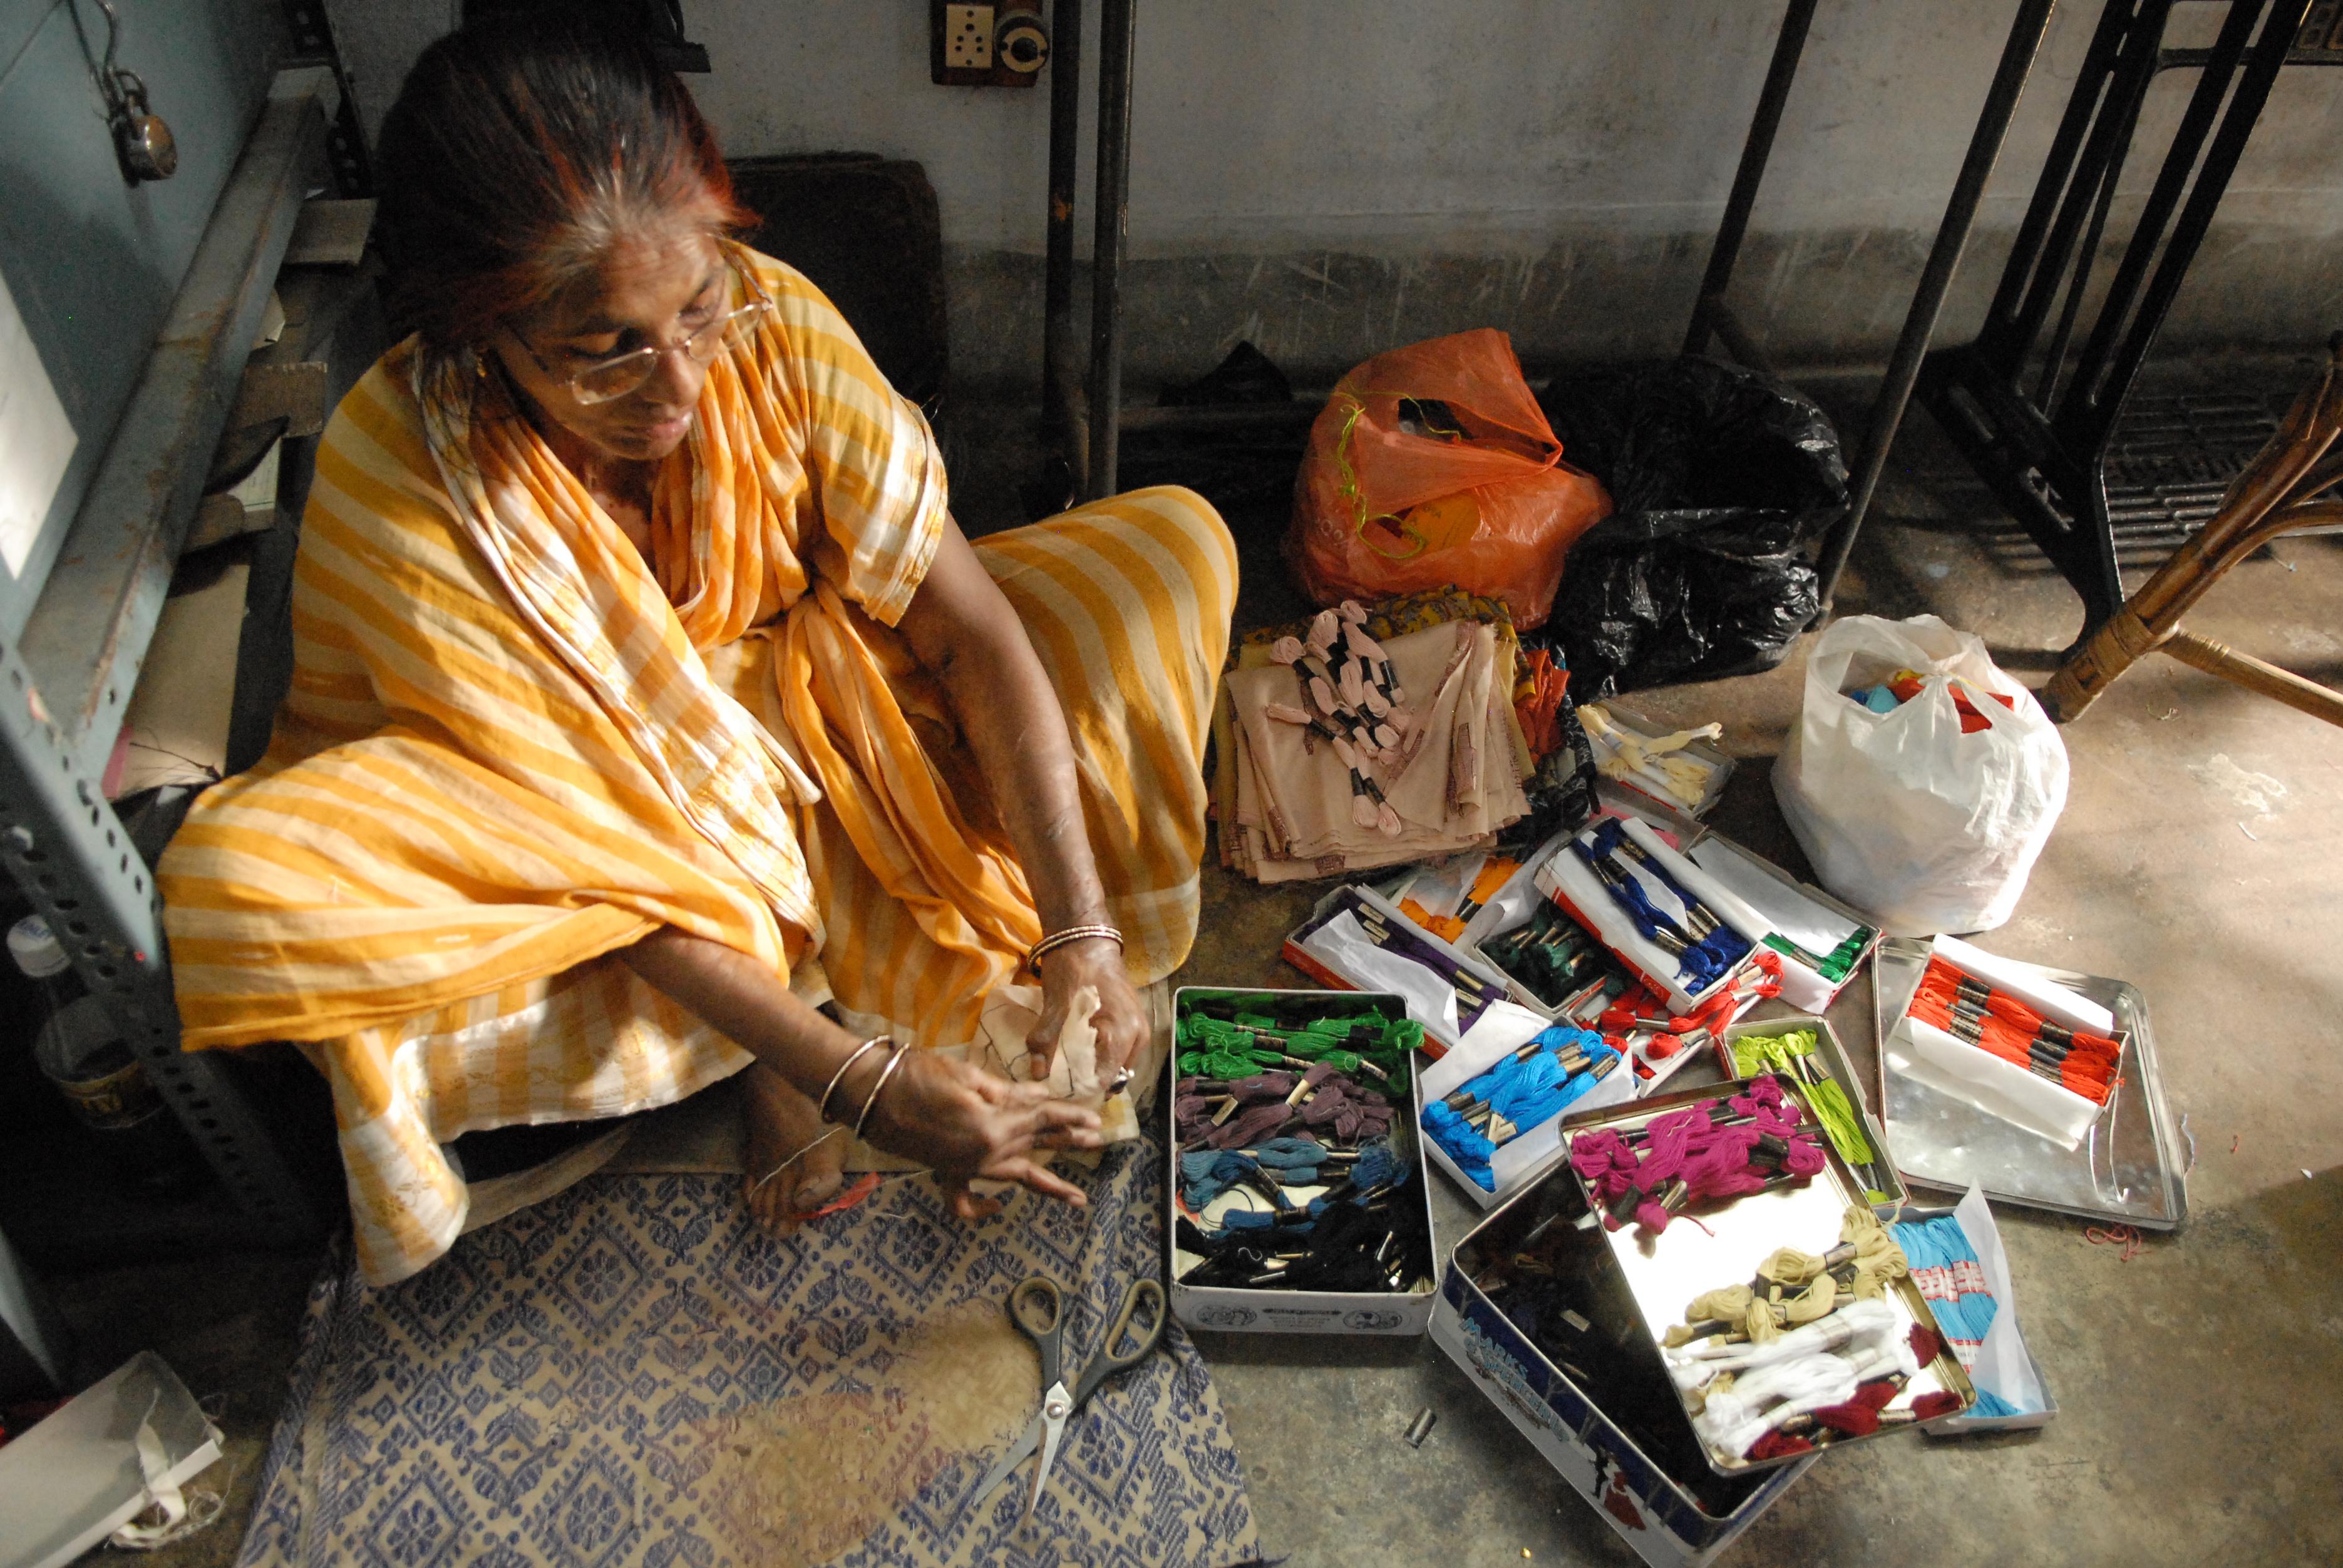 Eine Frau sitzt am Boden und arbeitet an den Handarbeitsprodukten.